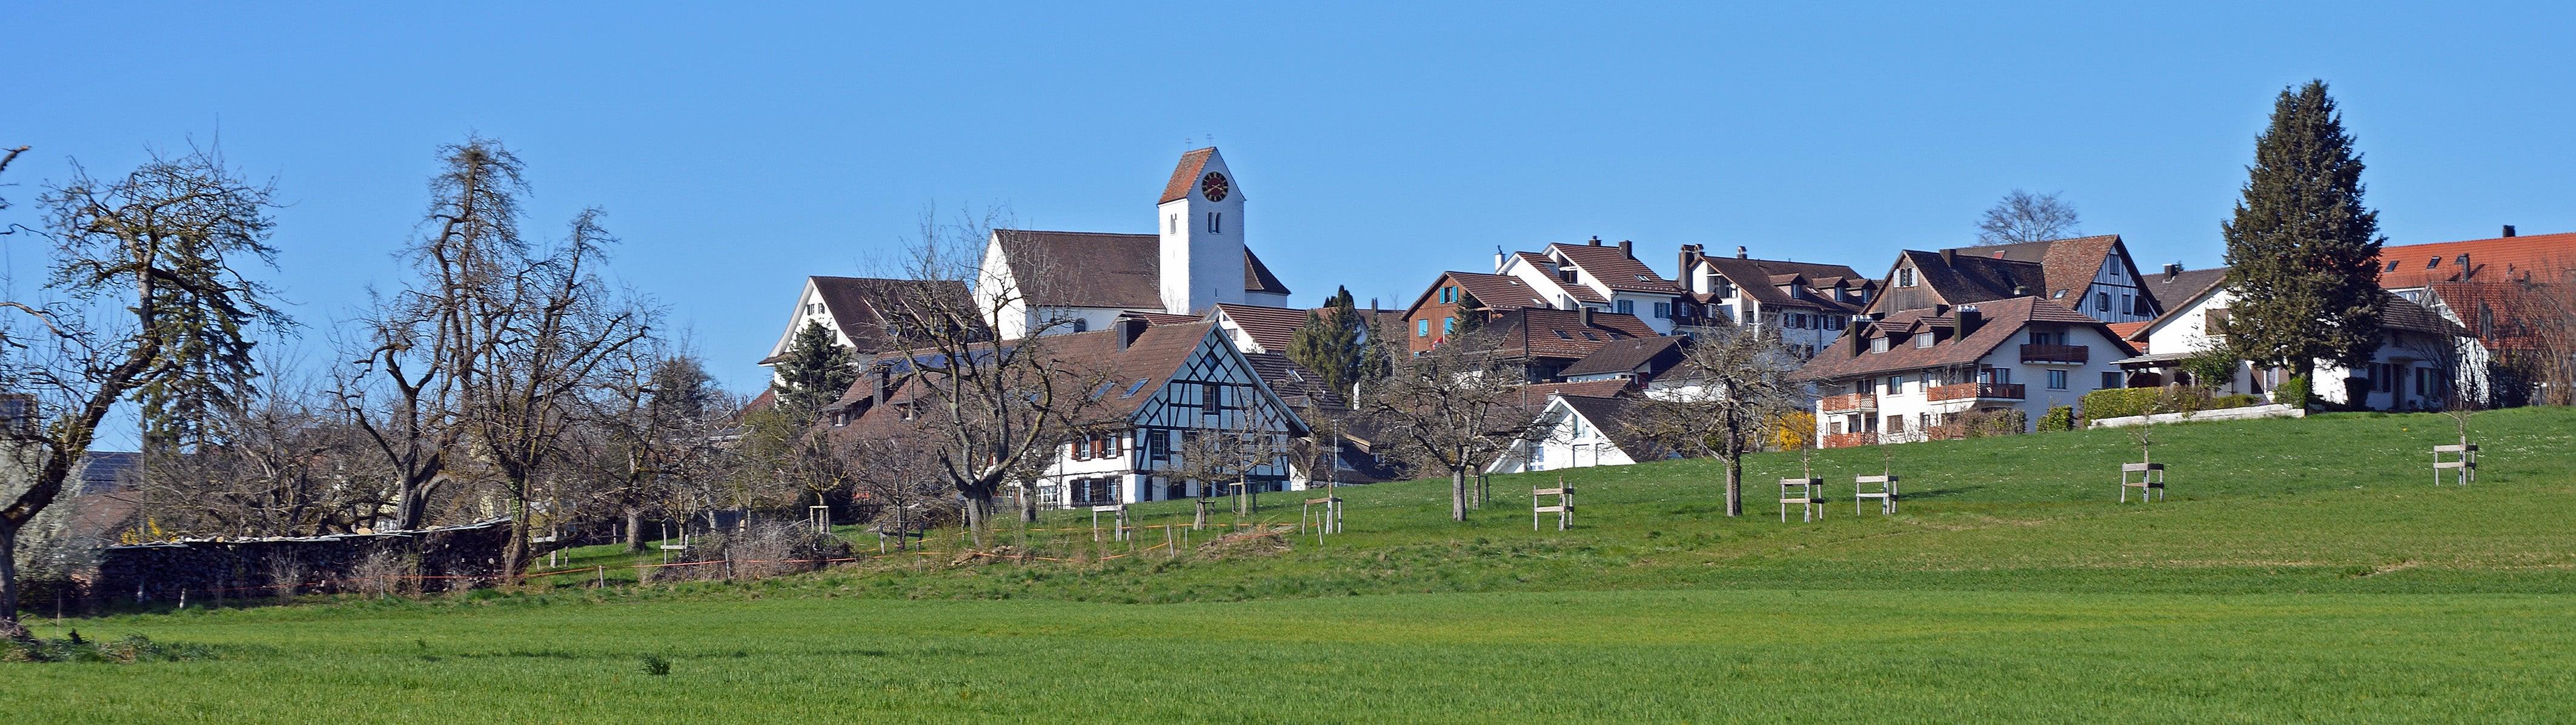 Oberwil-Lieli